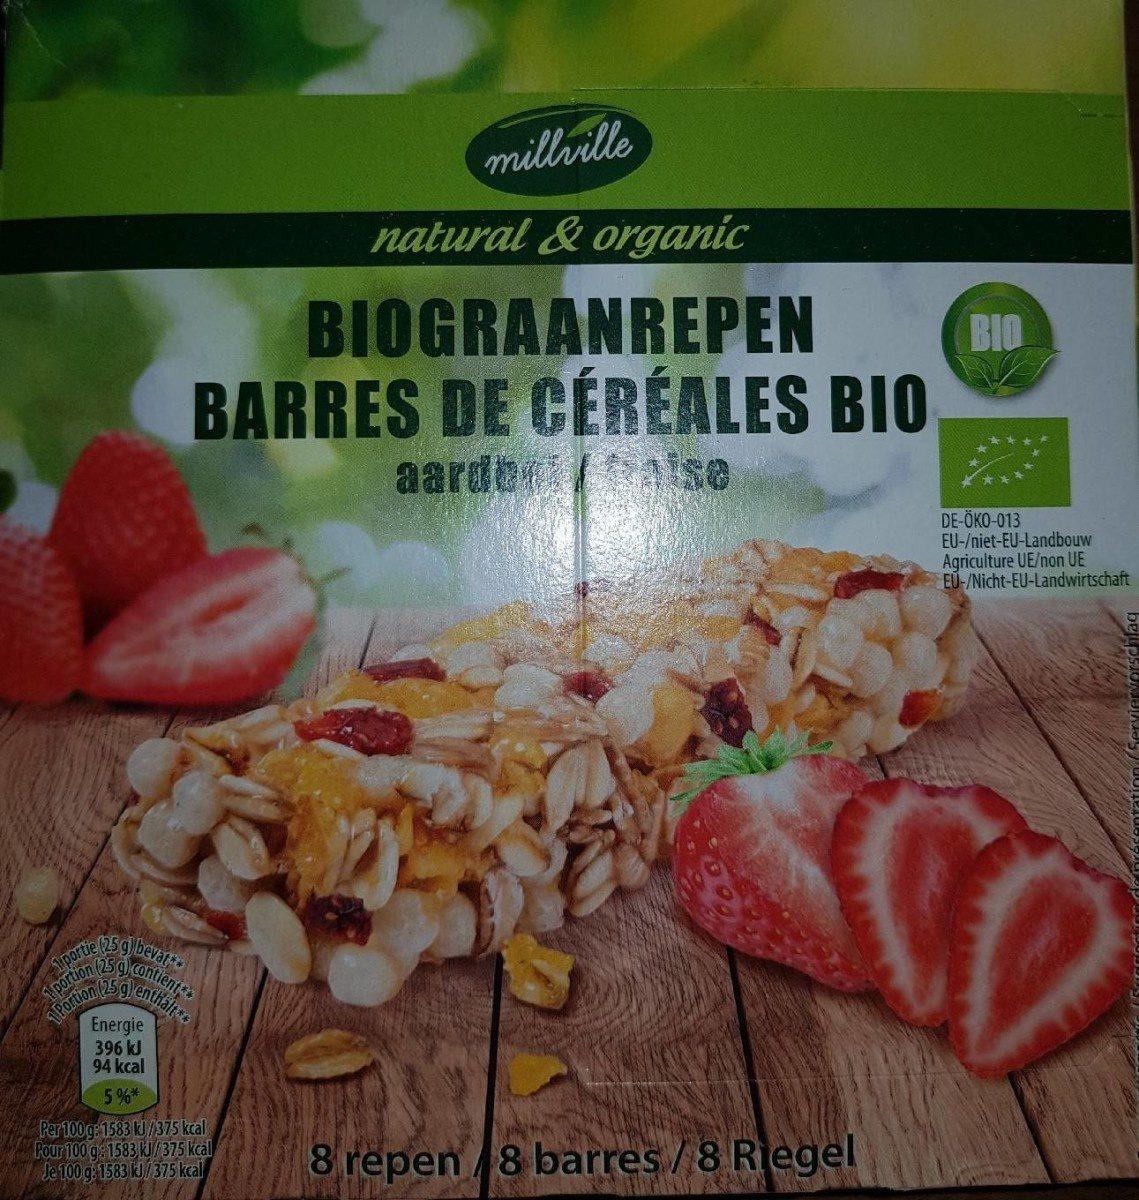 Barres de céréales Bio fraise - Product - fr